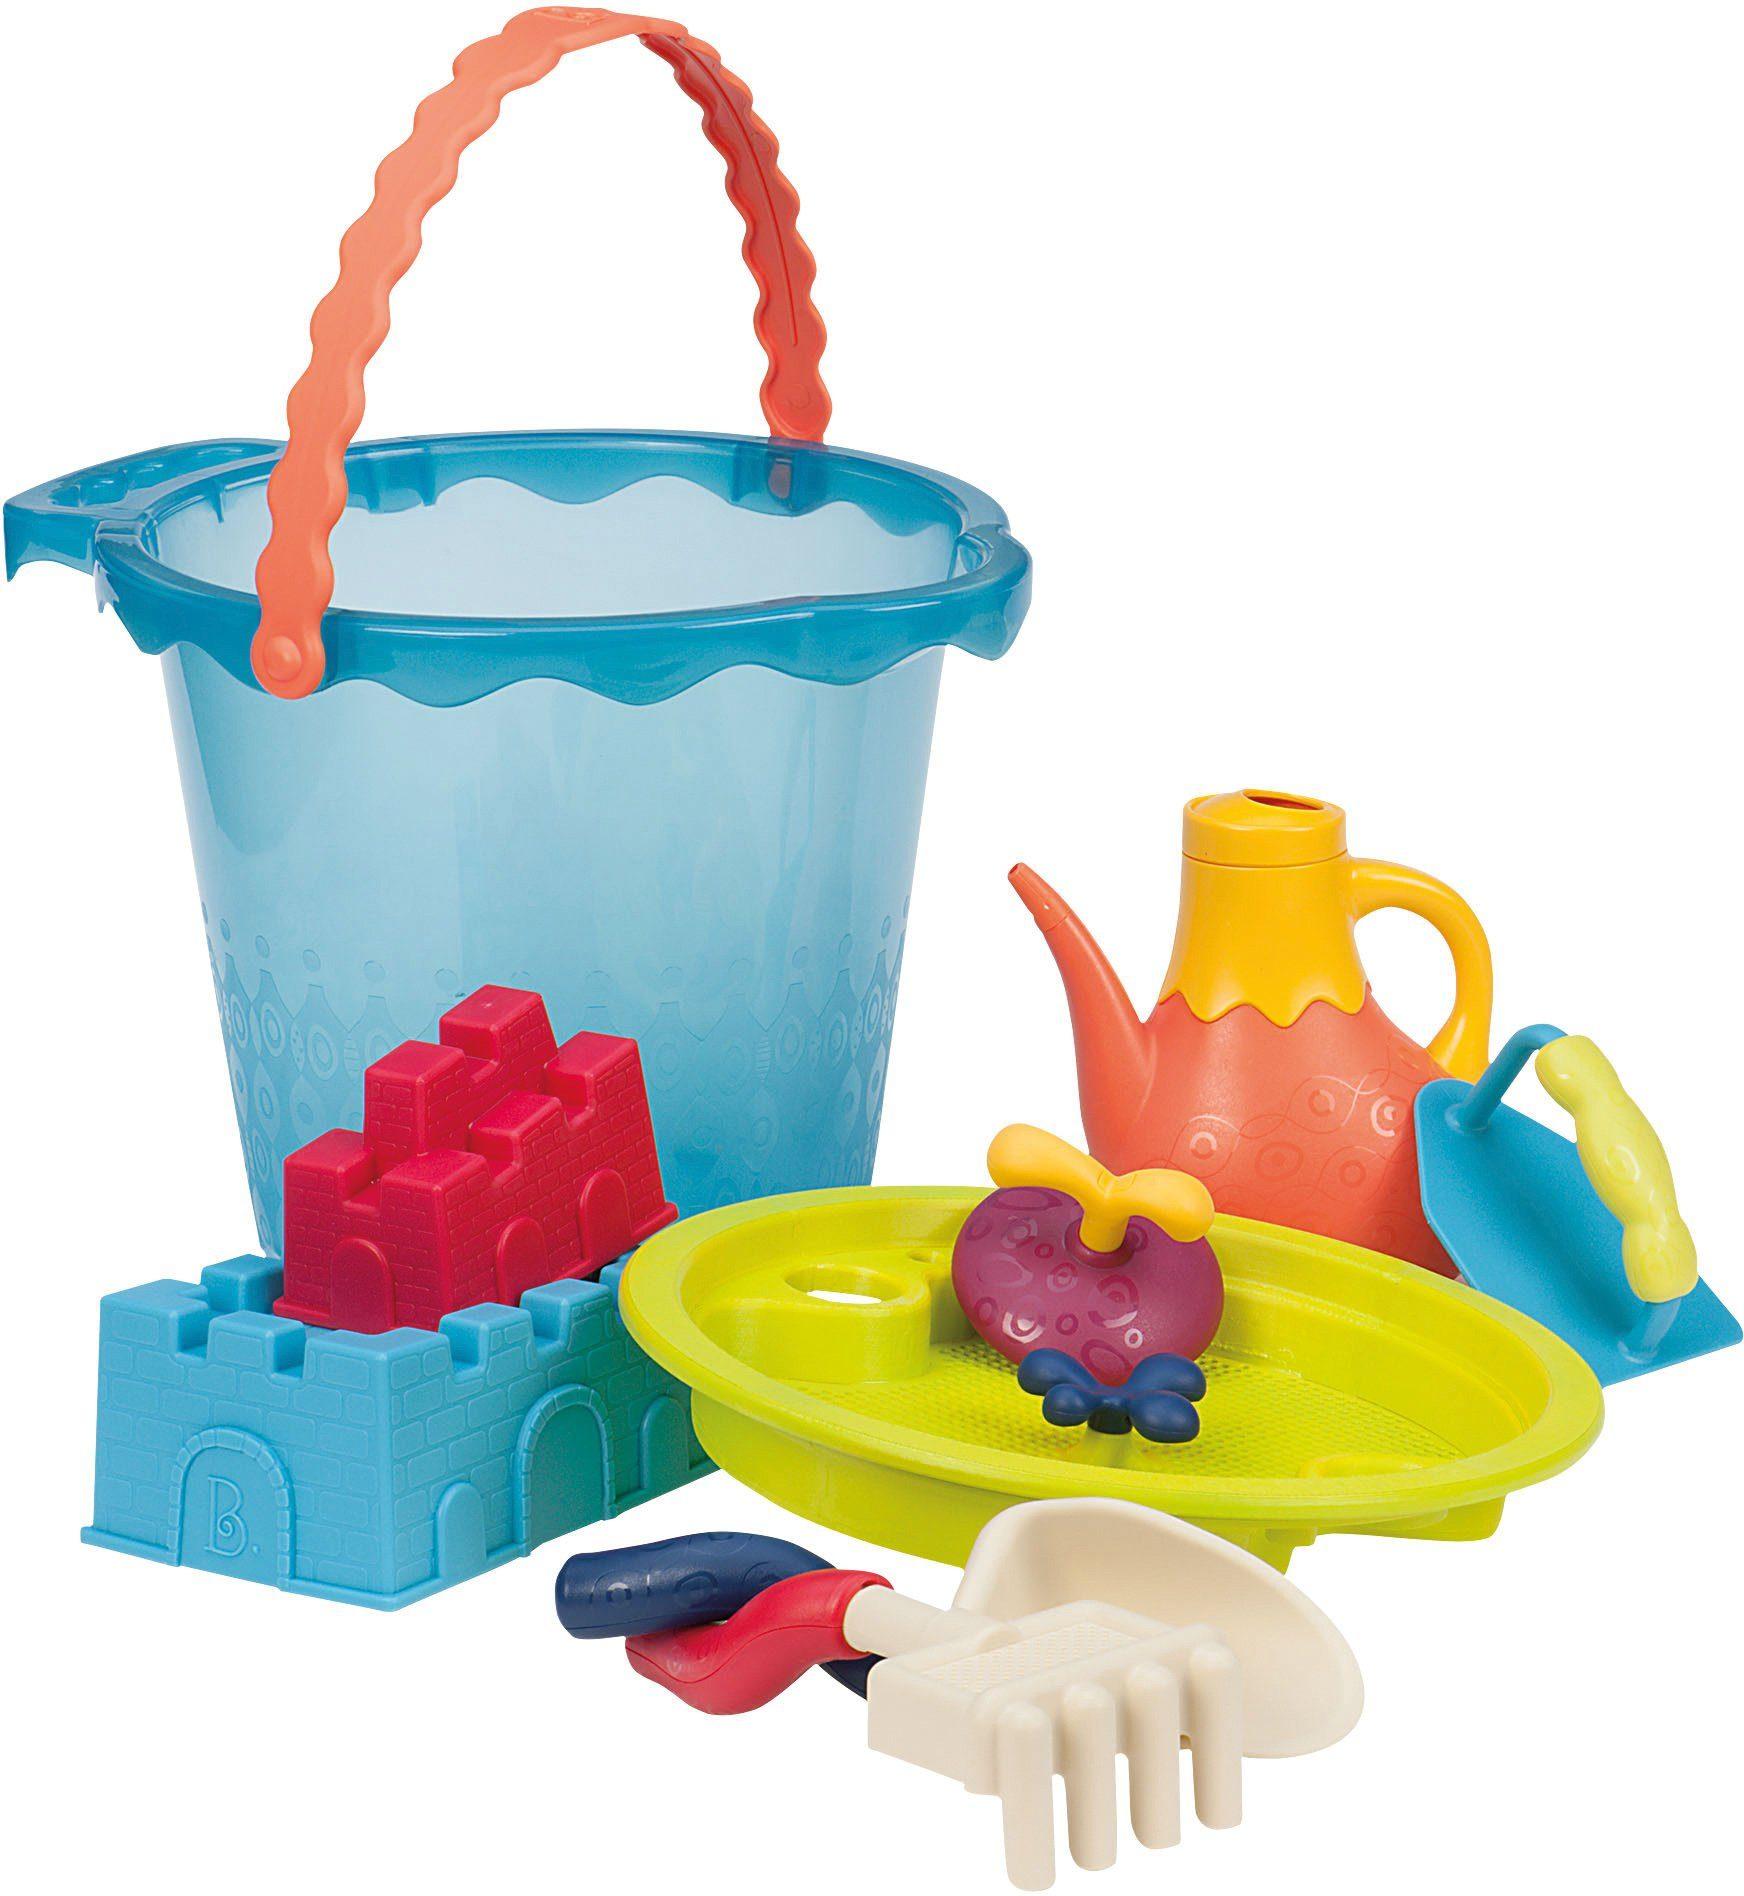 B.toys Sandspielzeug mit Gießkanne, »Sandspielzeug Large Bucket Set Sea«